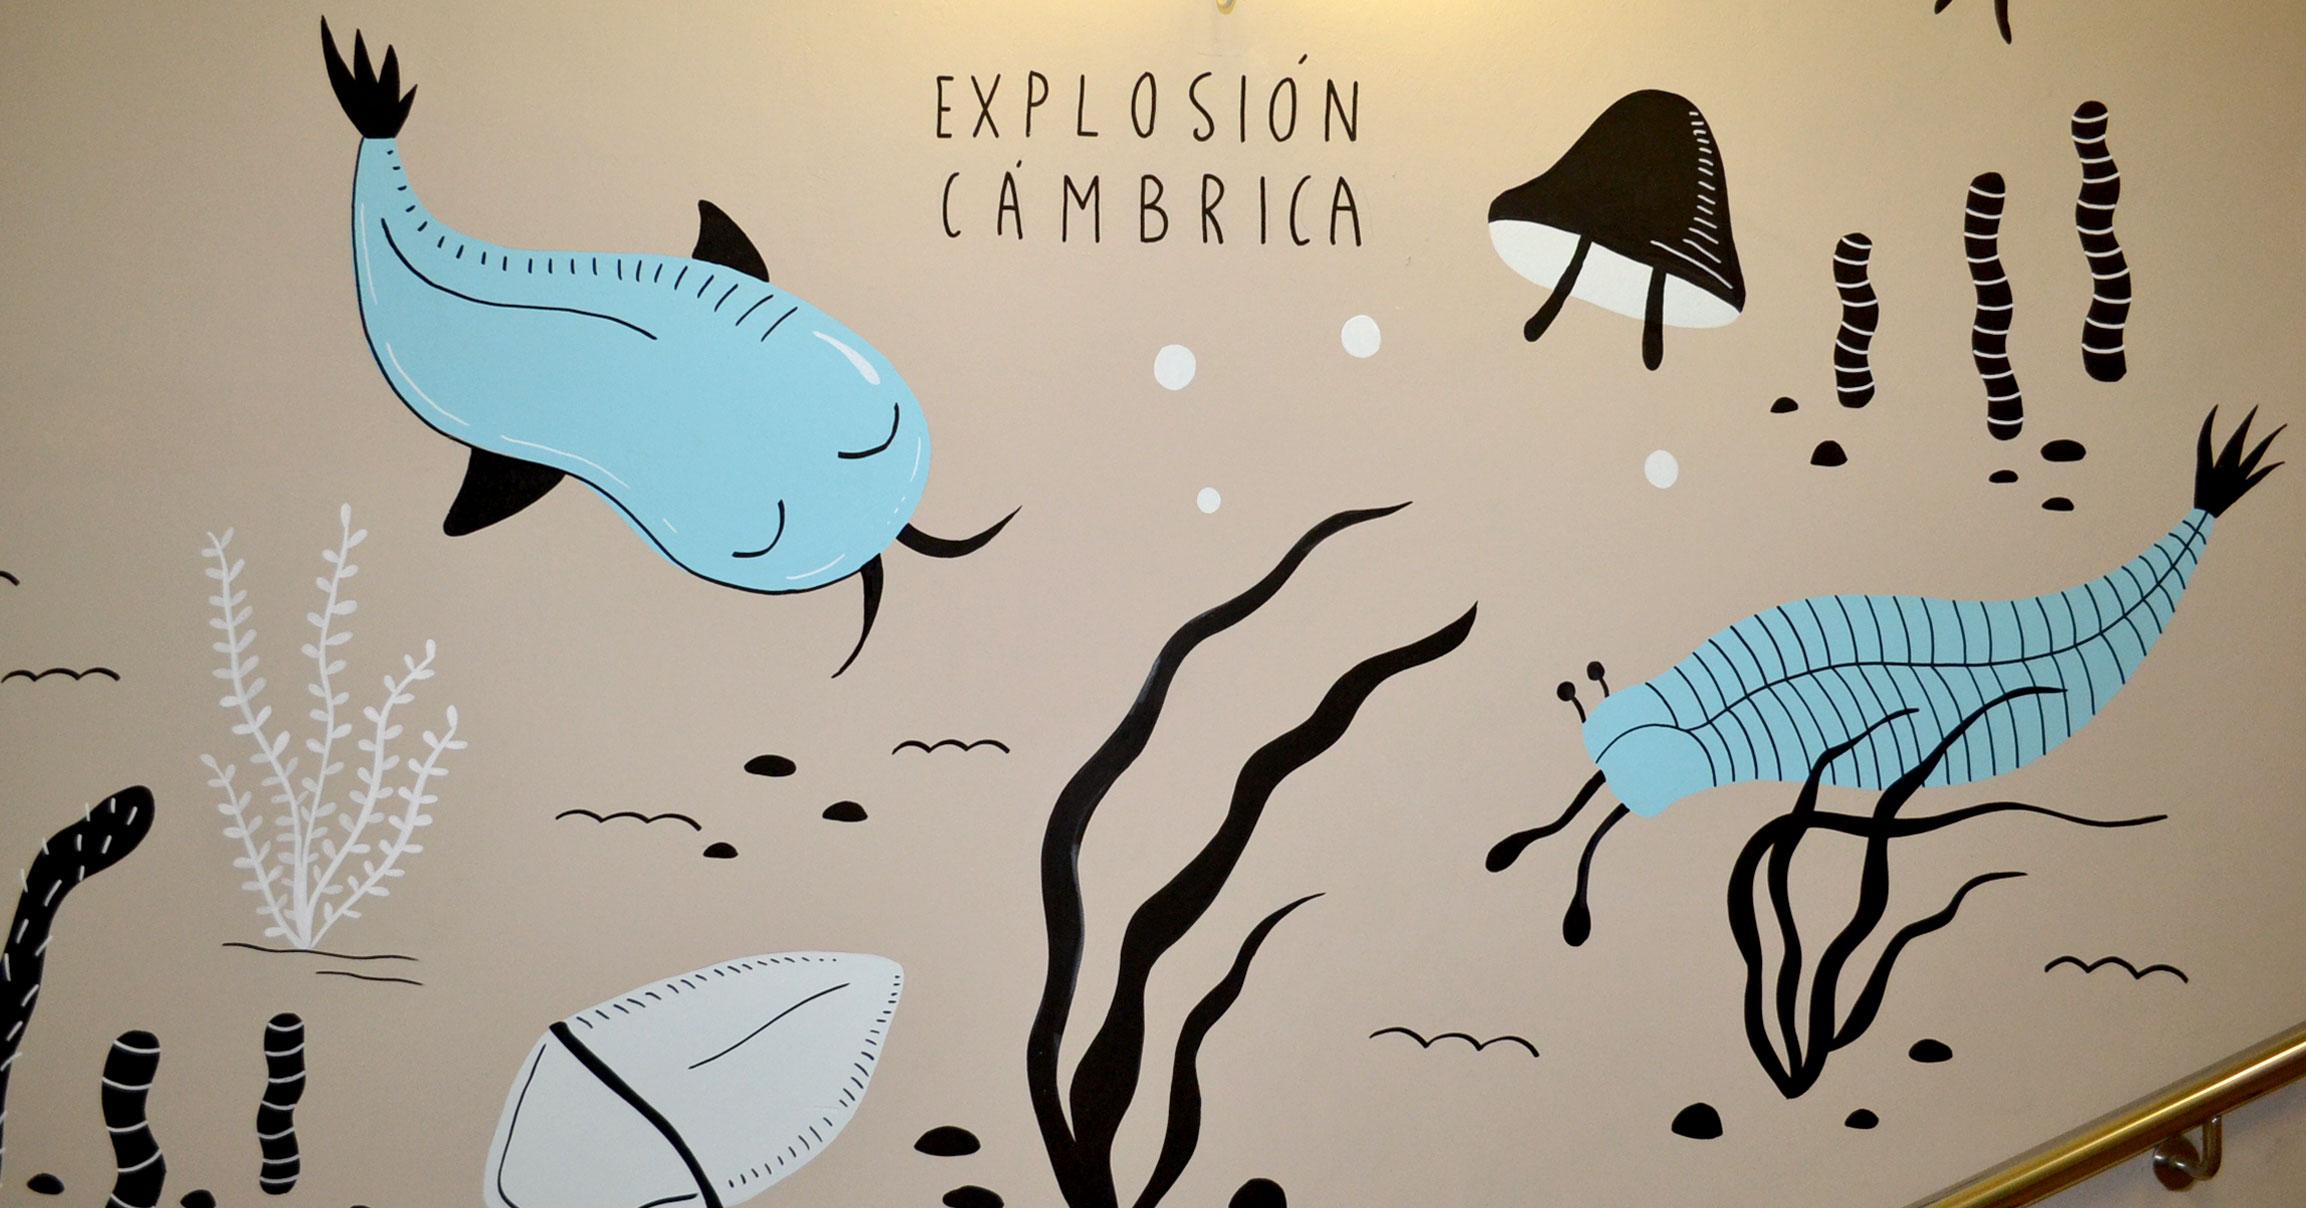 El arte en nuestra exposición de paleontología